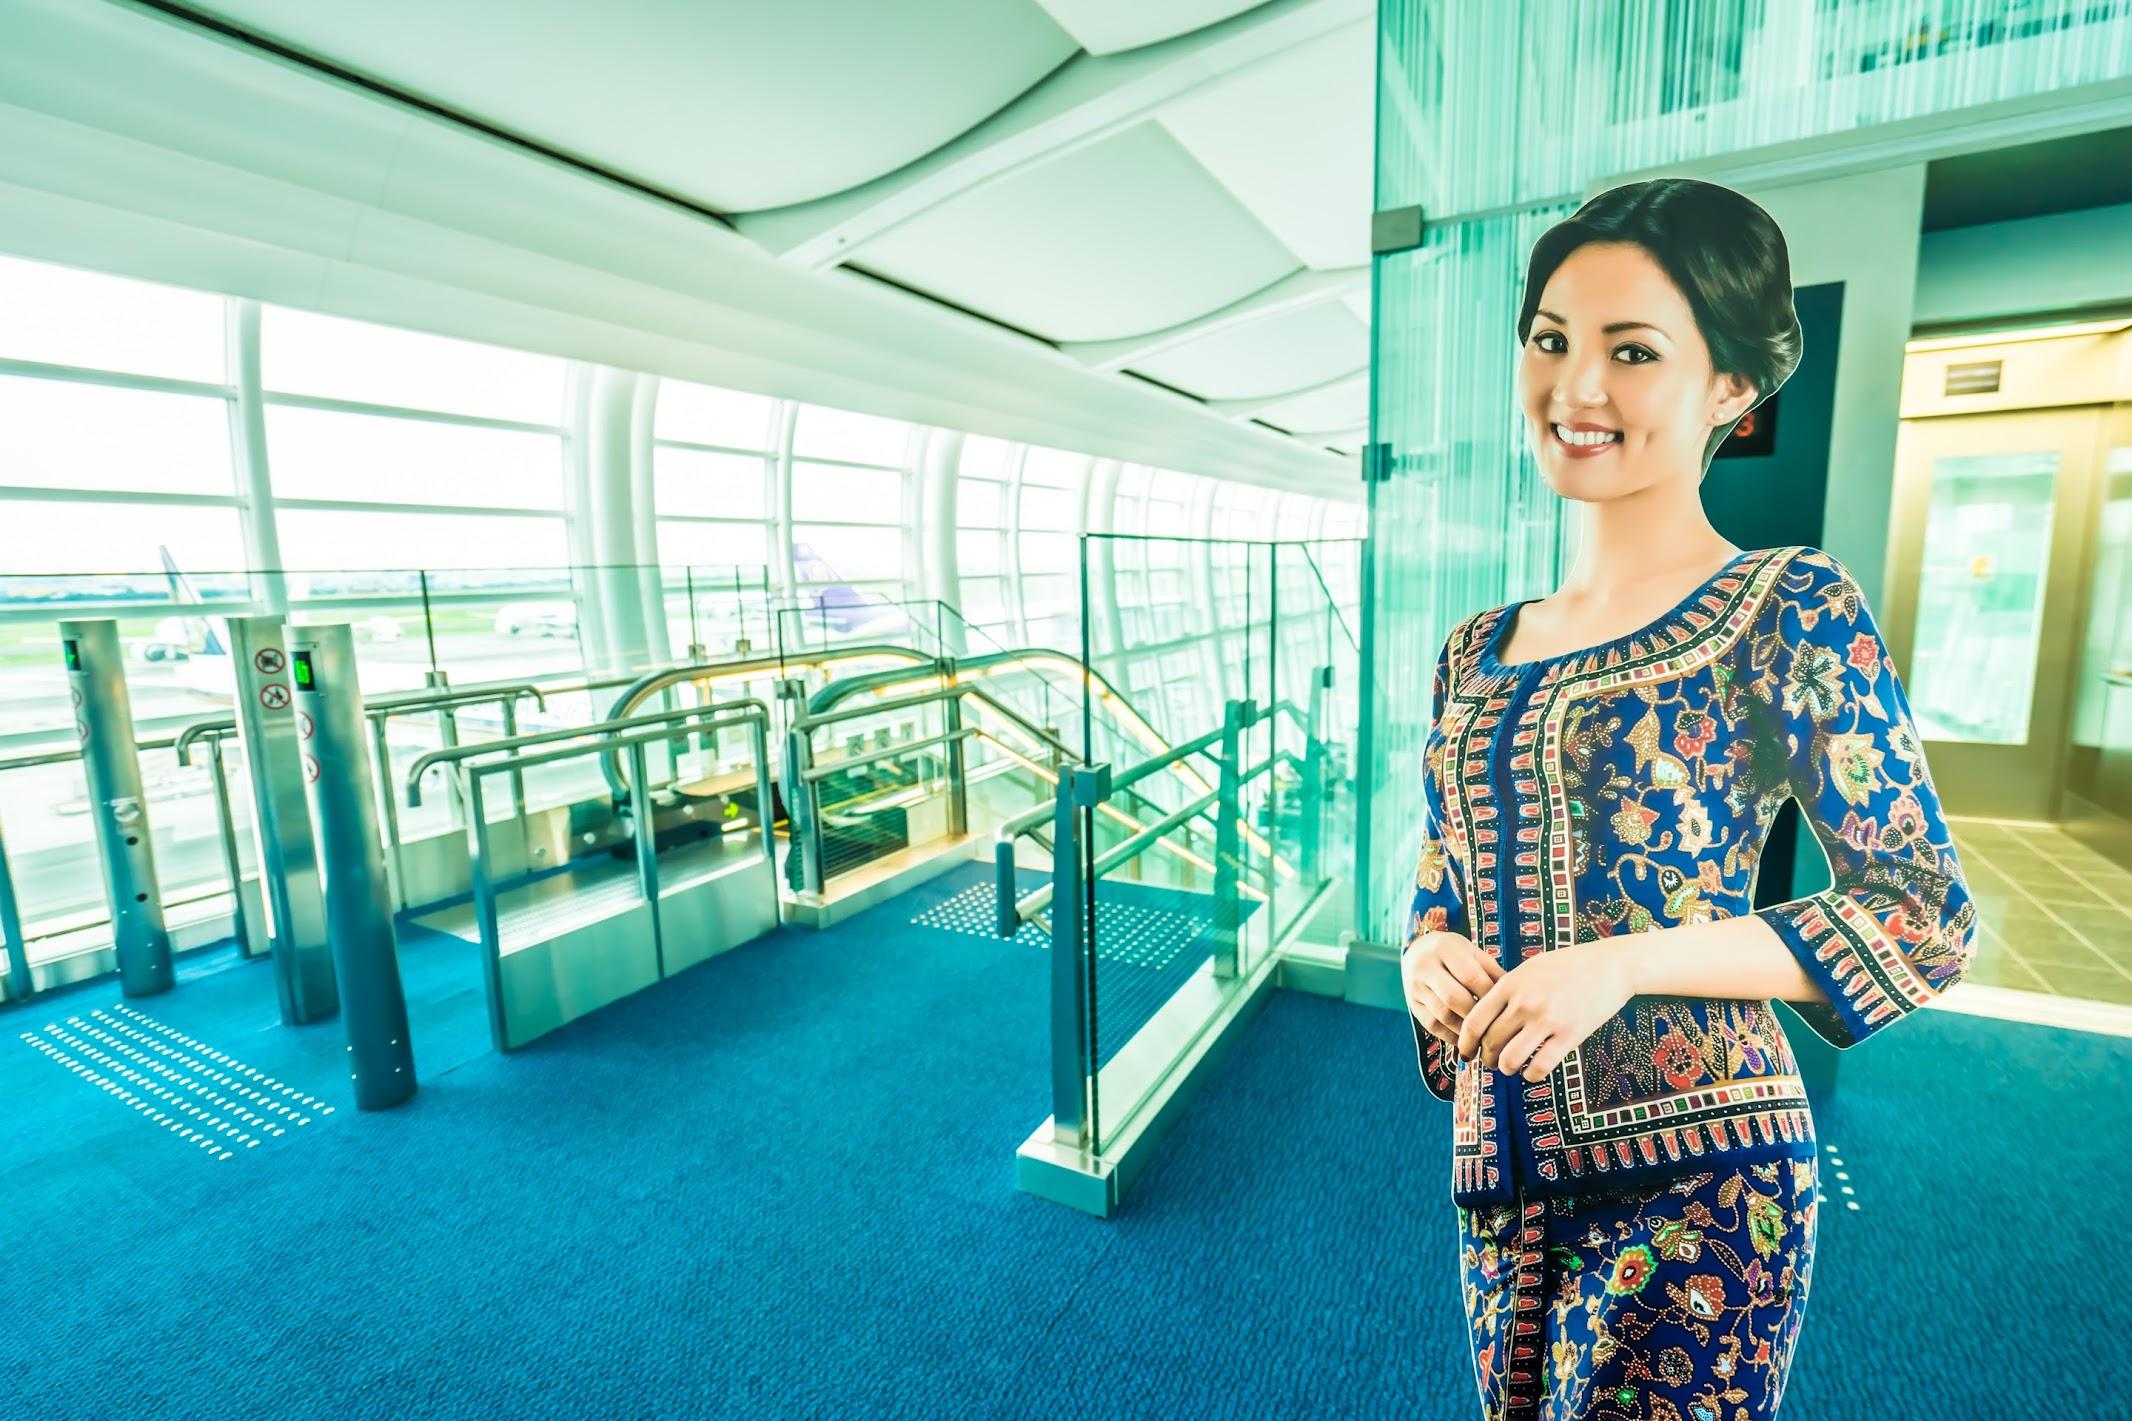 羽田空港 シンガポール航空1